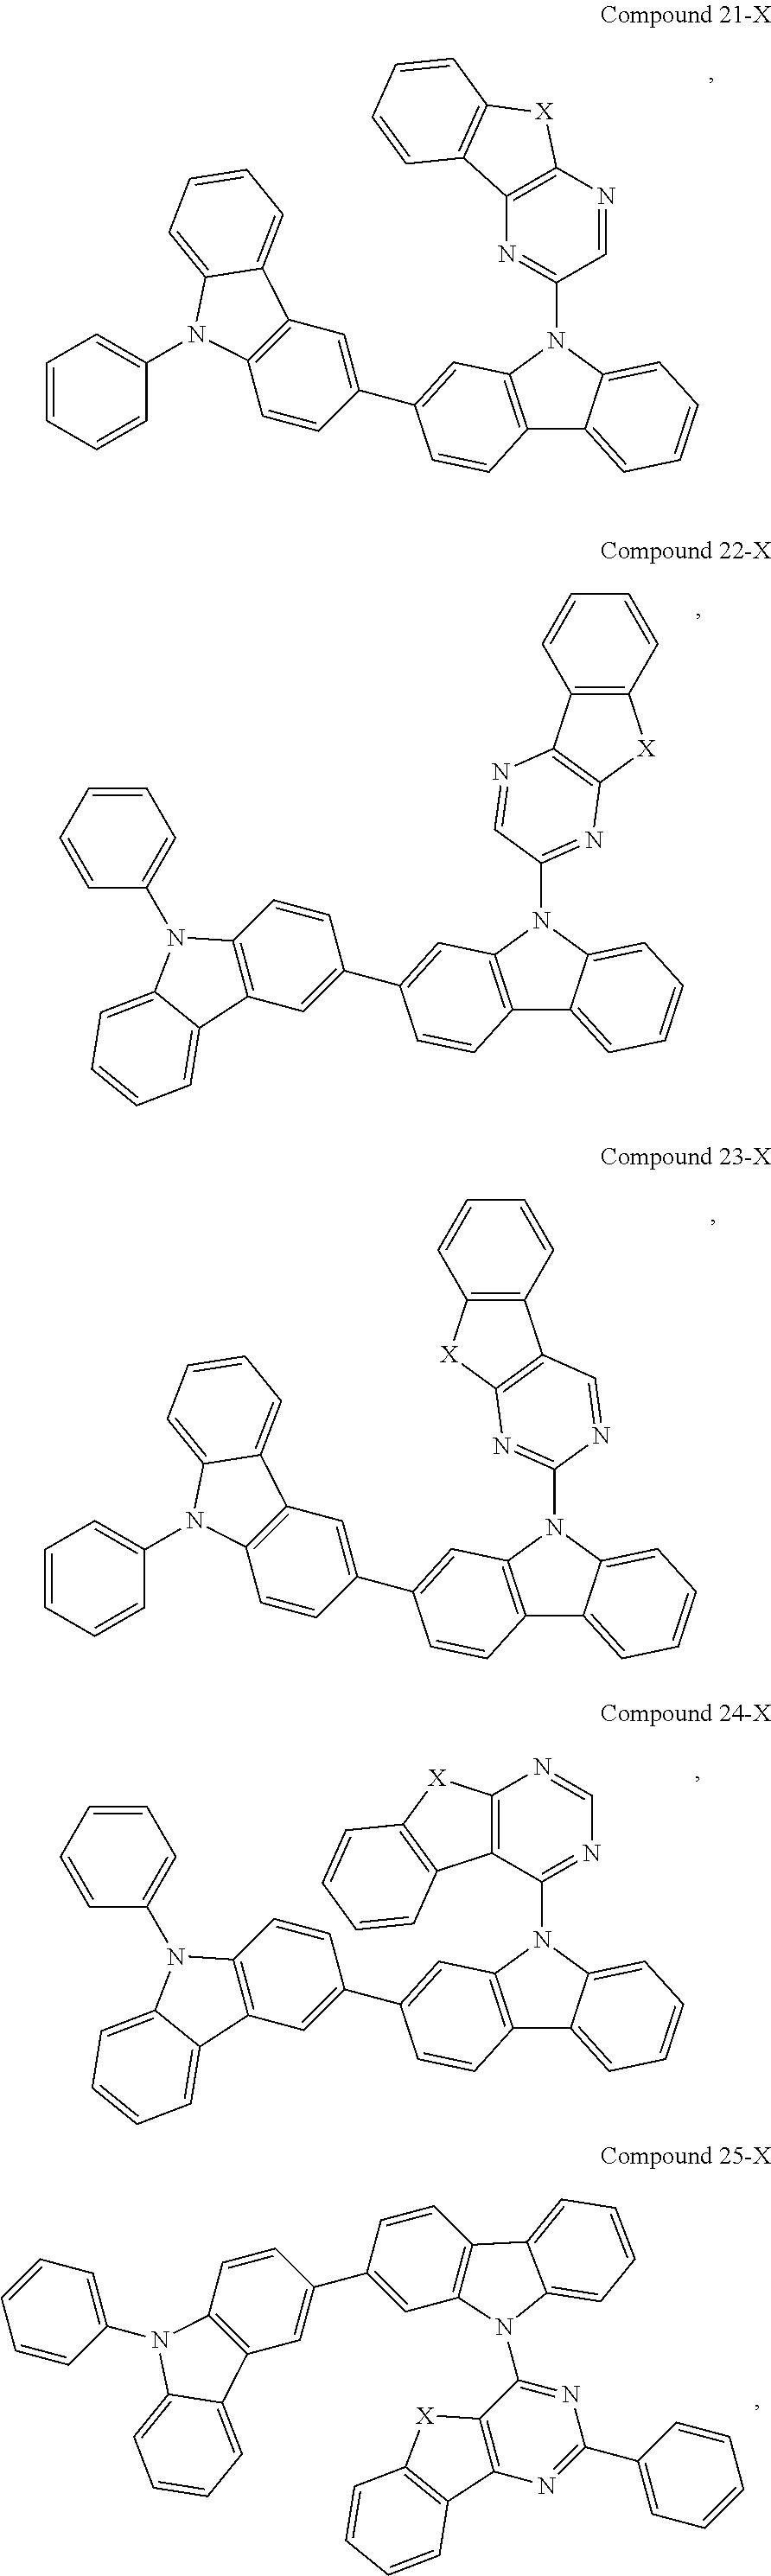 Figure US09553274-20170124-C00011